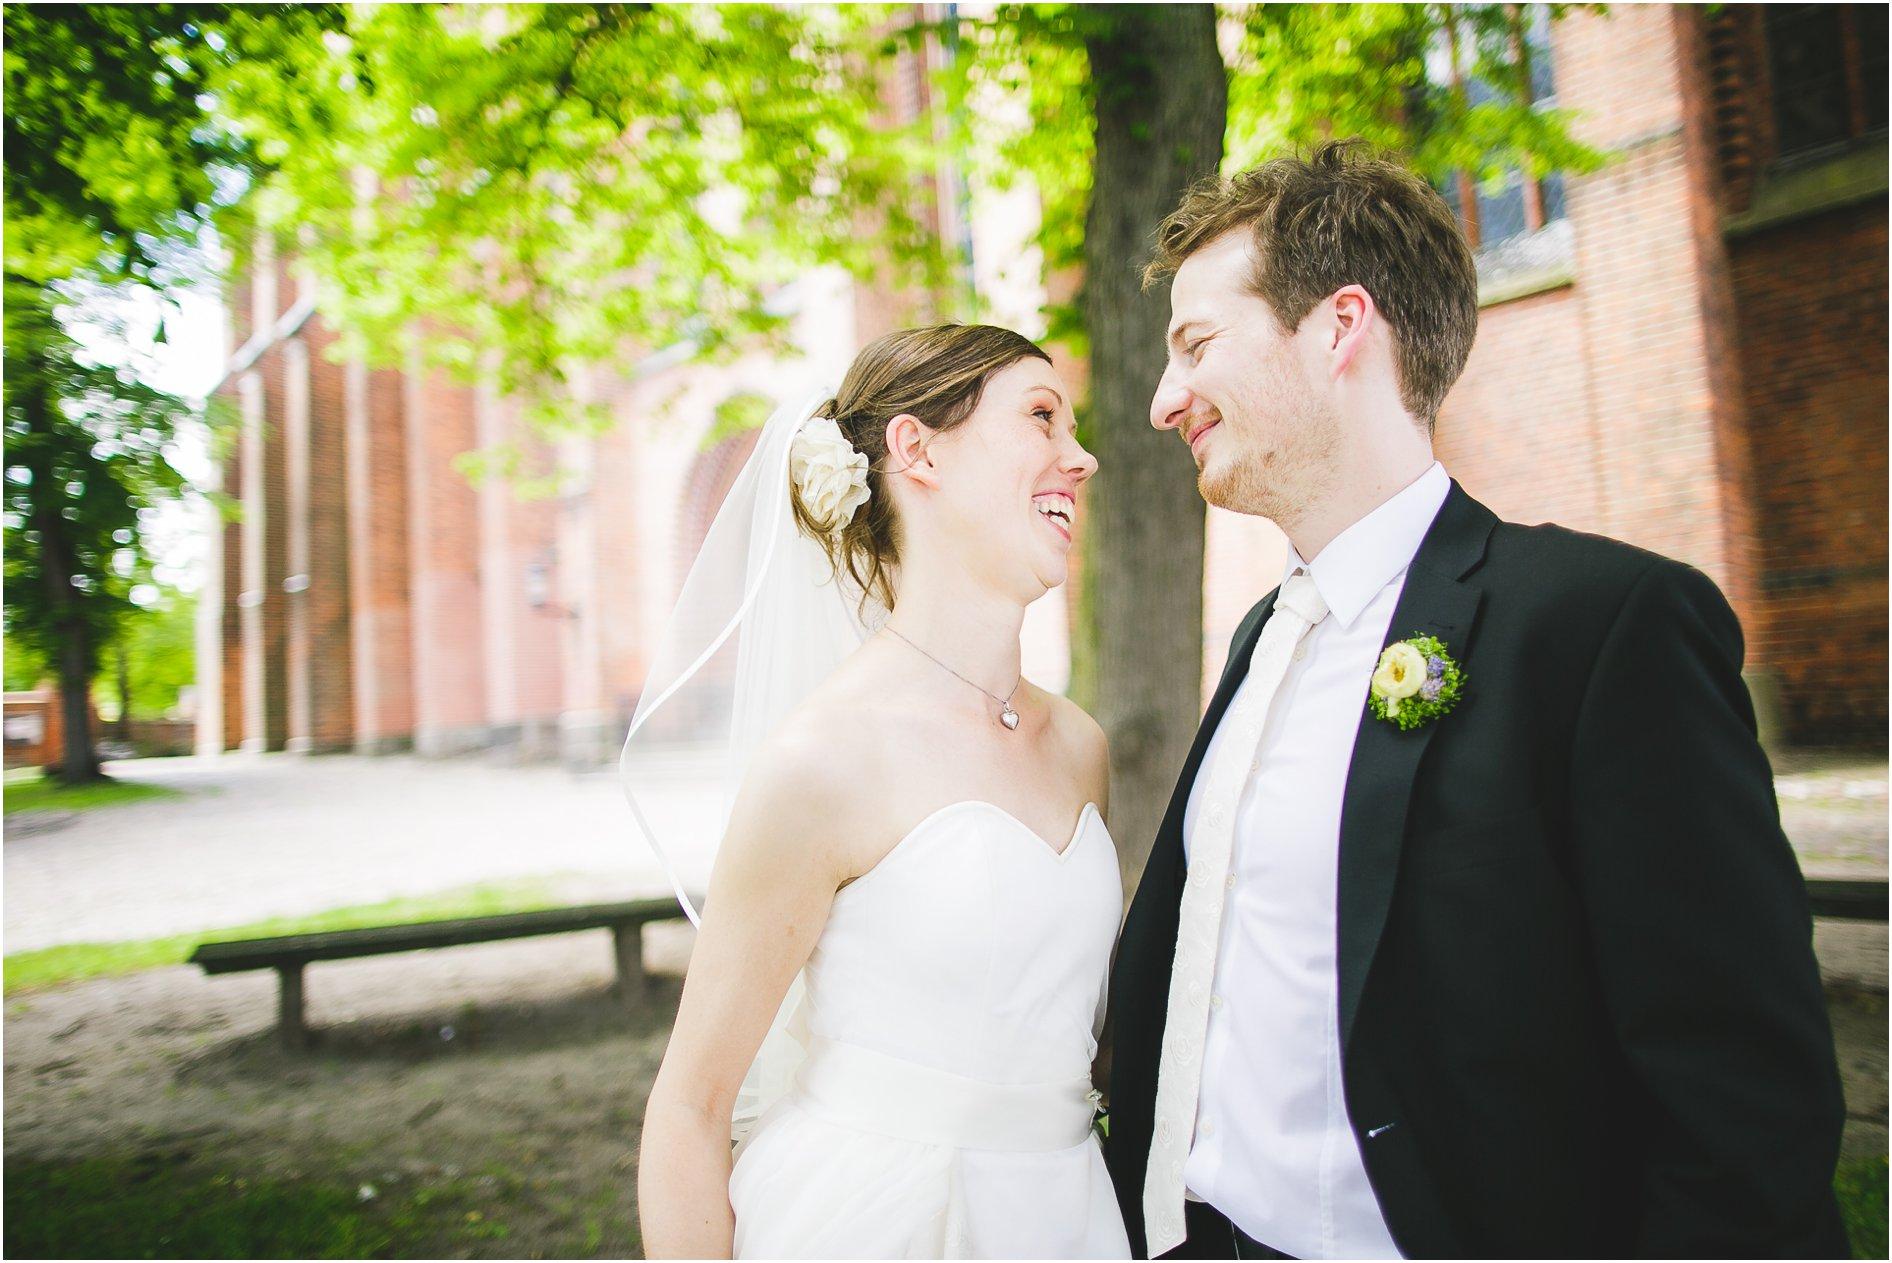 2014-08-07_0066 Wiebke und Marcio - Hochzeitsfotograf in Lüneburg